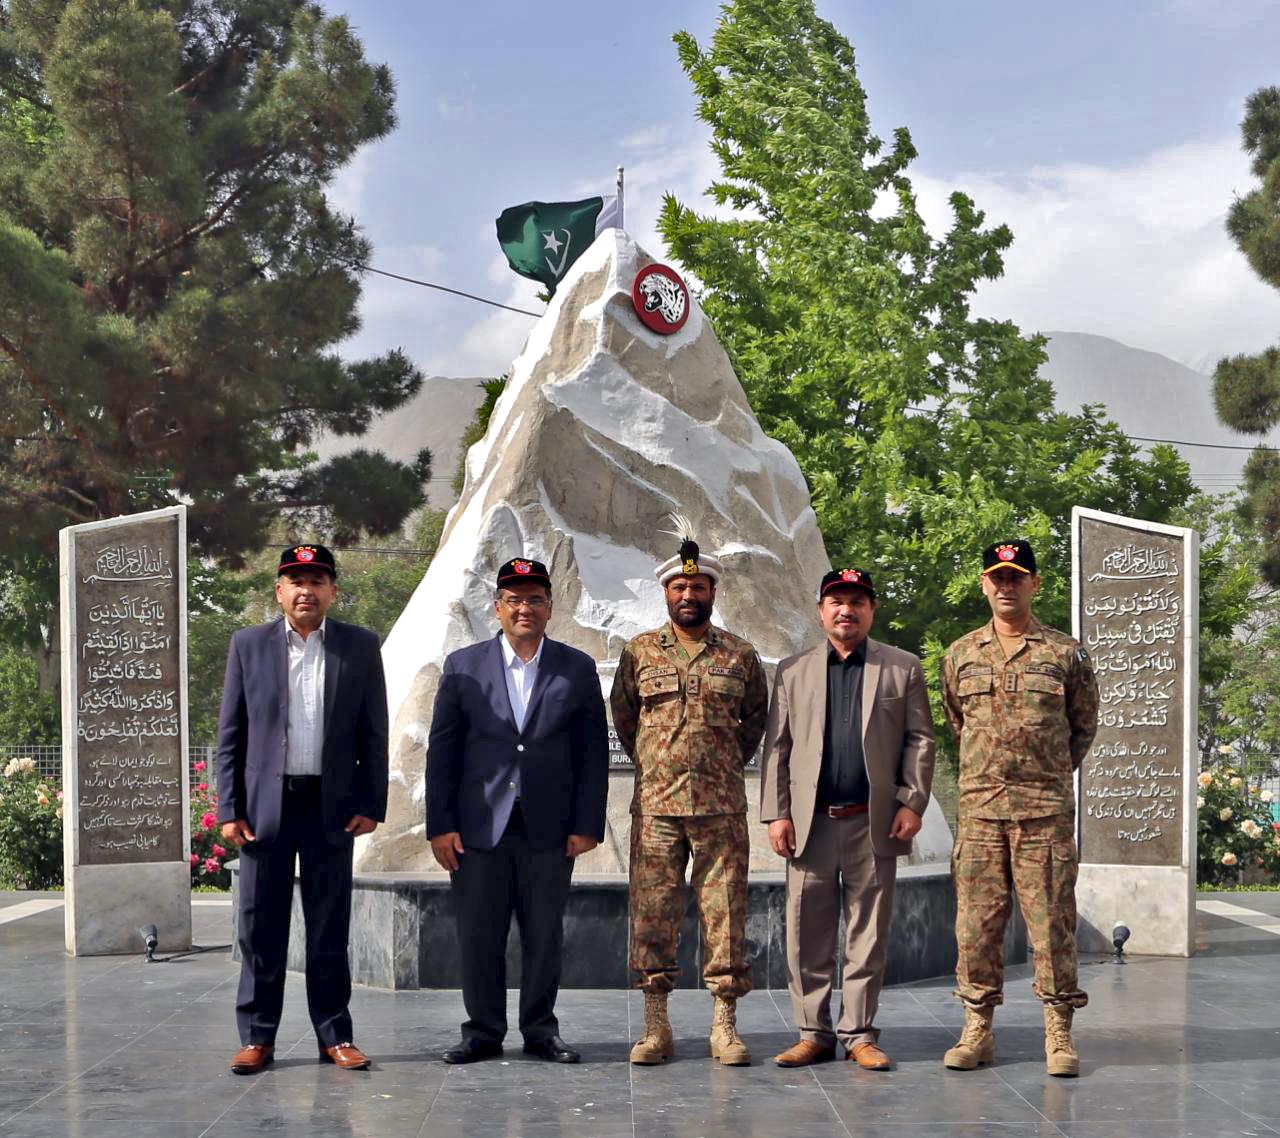 ایف سی این اے نے آغا خان ڈویلپمنٹ نیٹورک کی سماجی ترقی کے لئے جاری کاوشوں کو سراہا